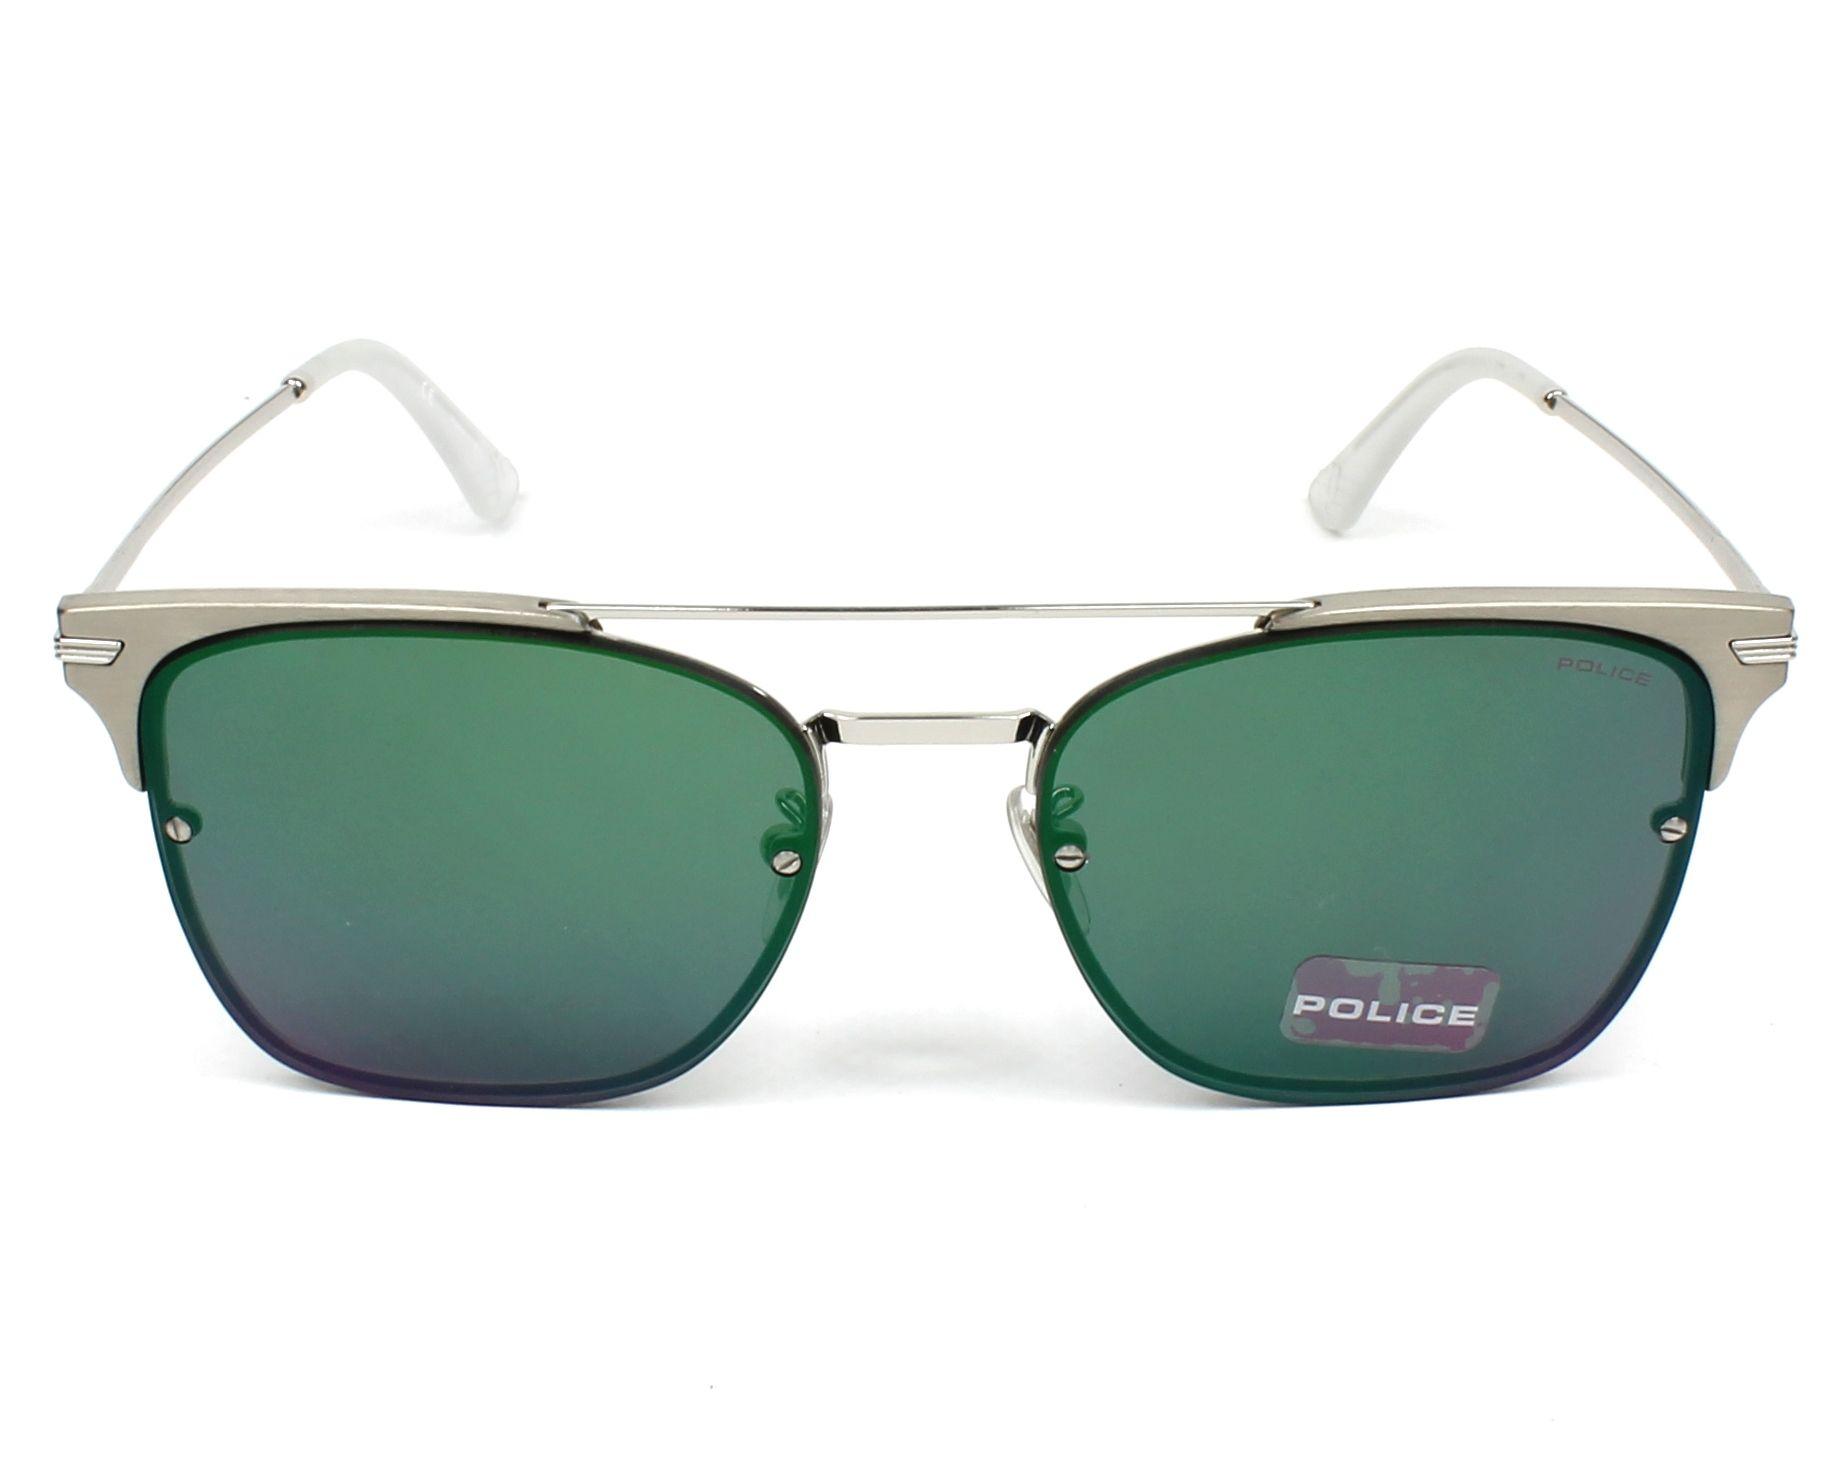 e20f6bafd0c Sunglasses Police SPL-577 579V 56-17 Silver Gun front view